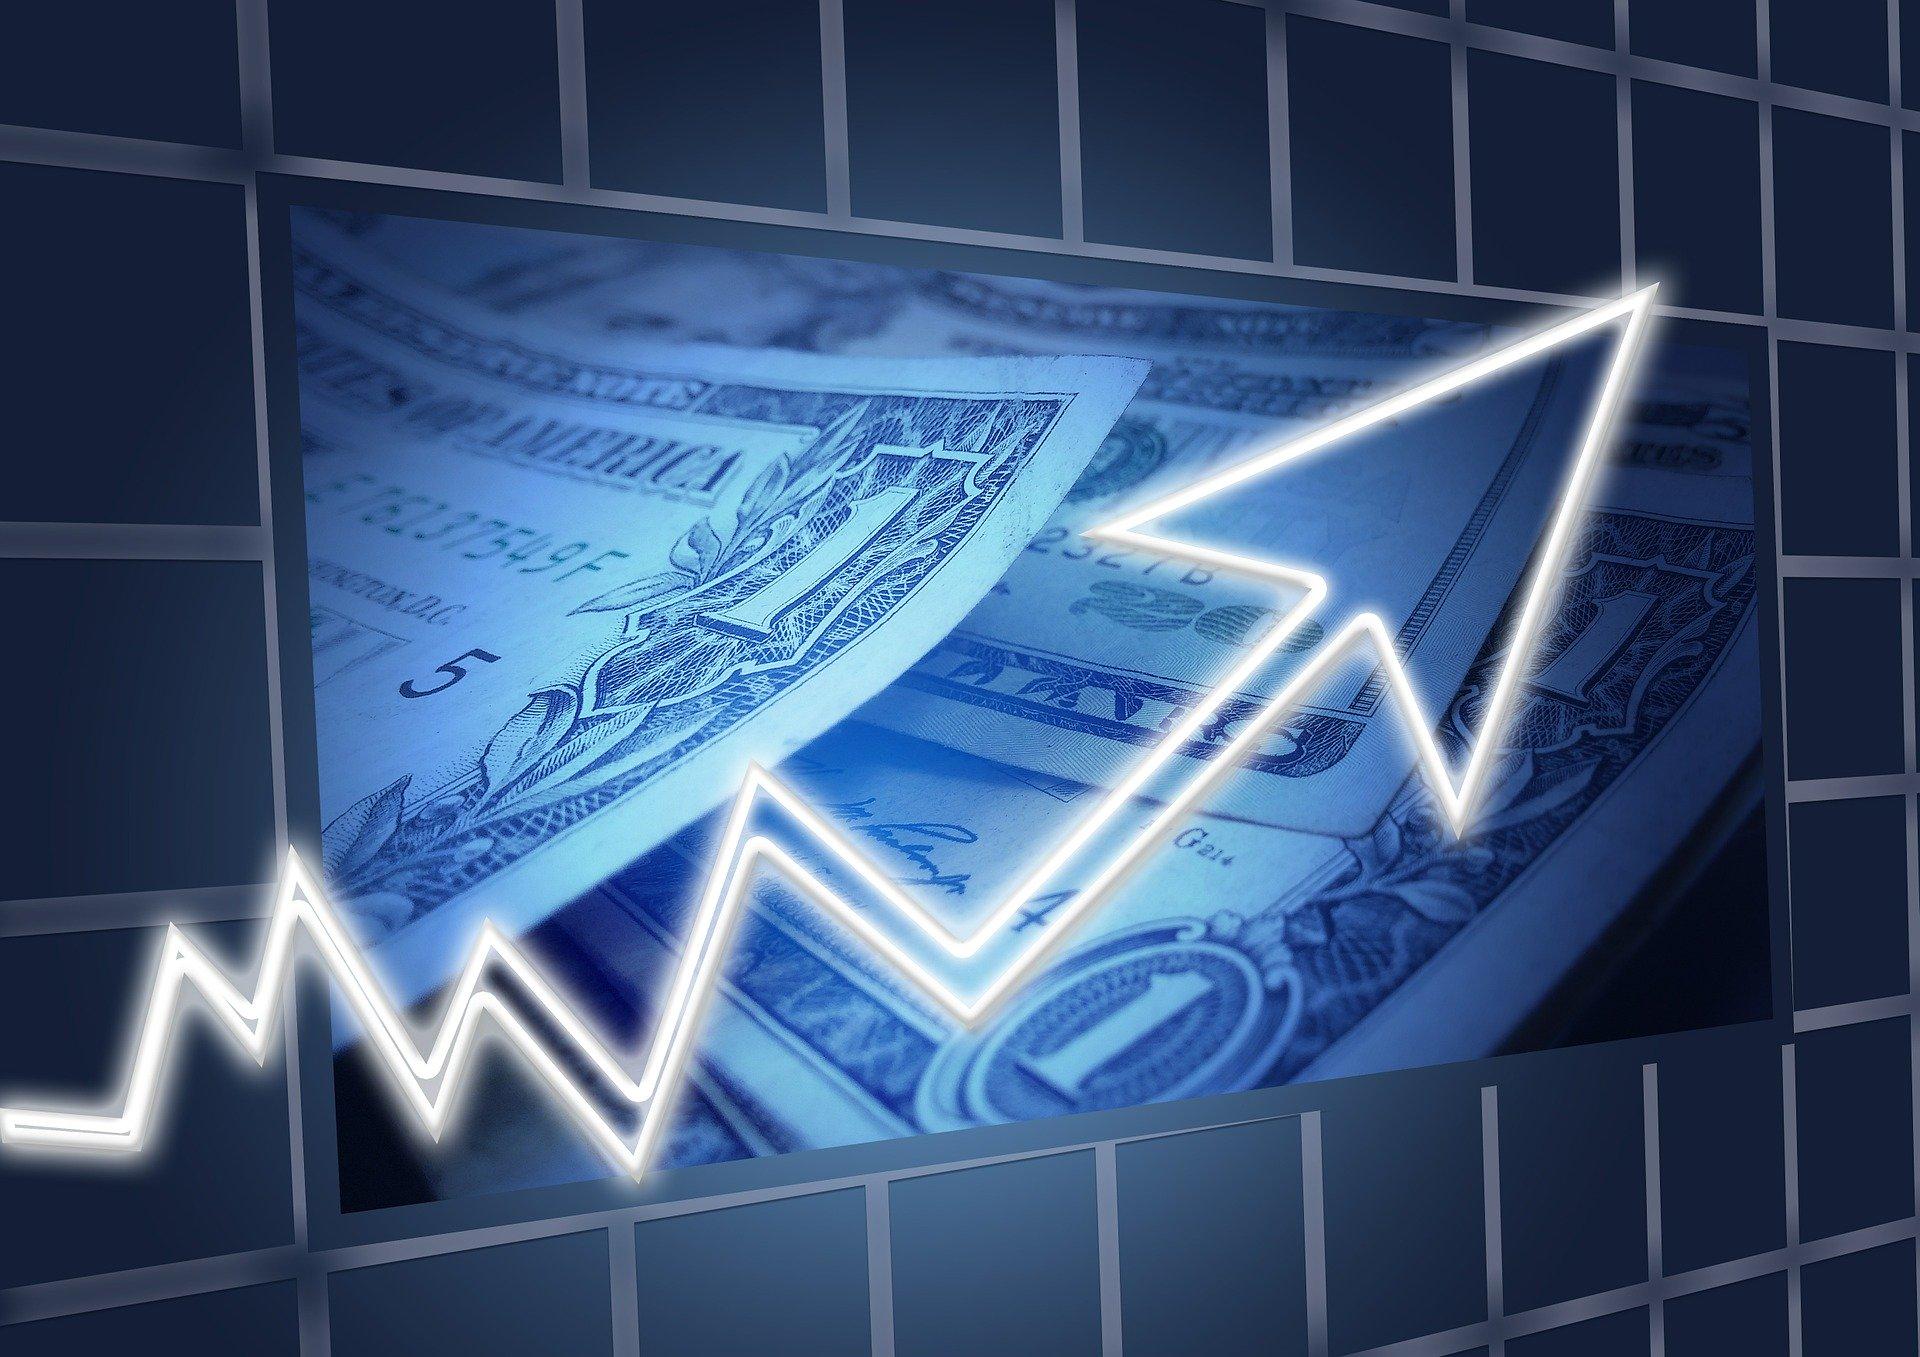 金融機関でも電子契約を利用できる?メリットと契約方法を解説